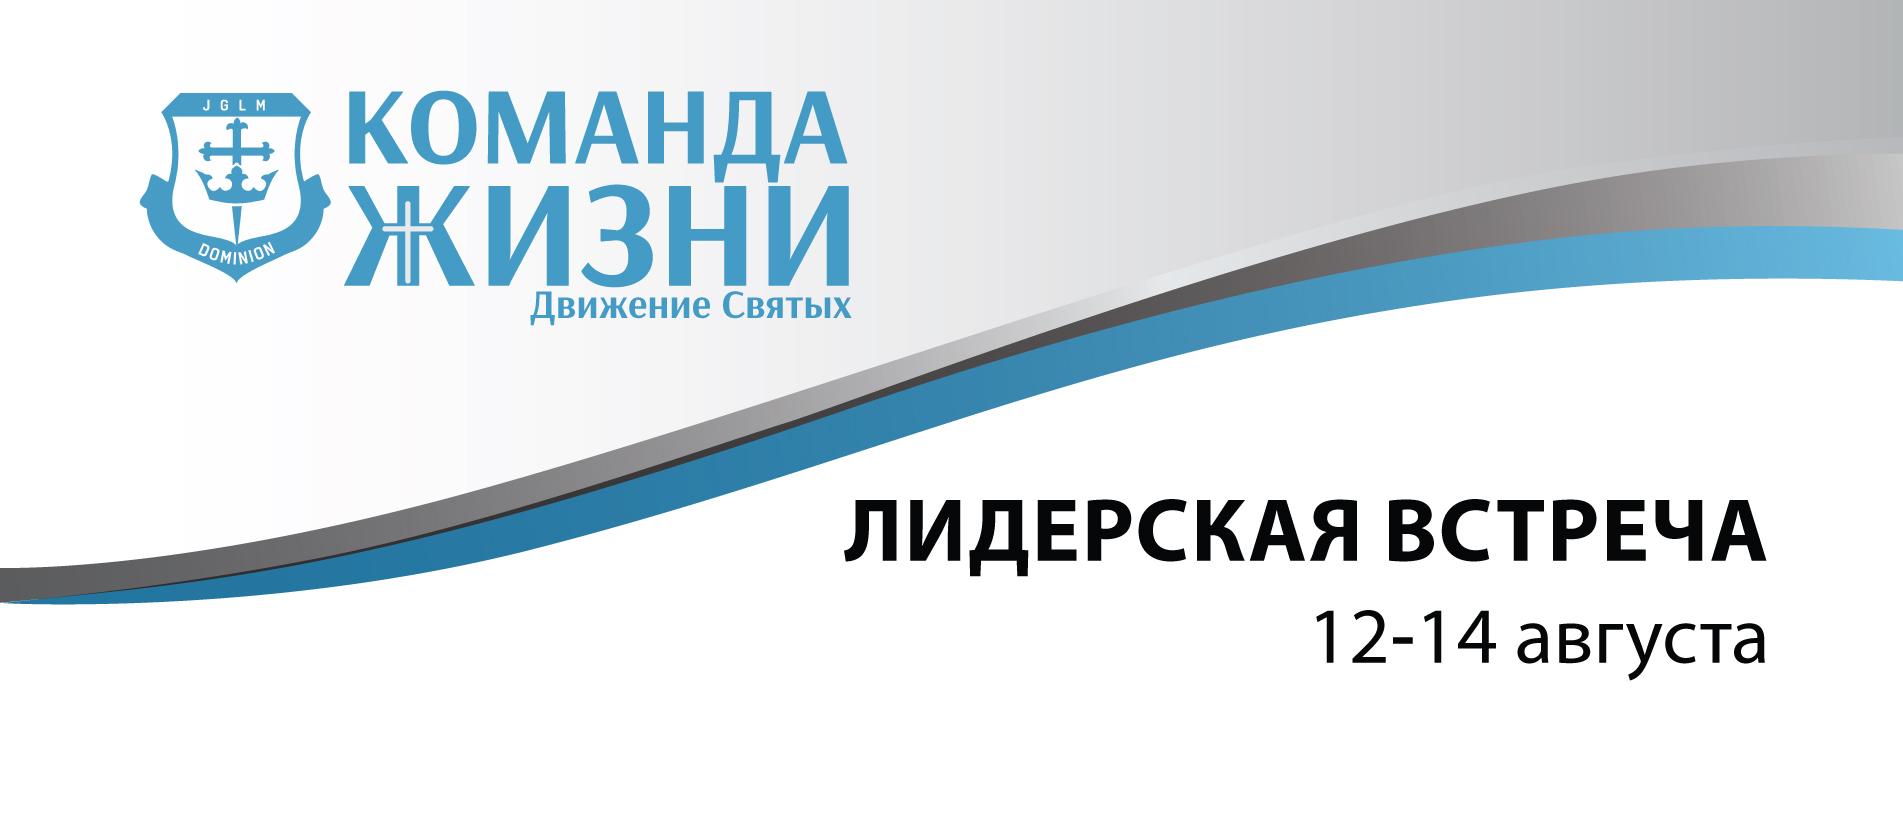 Лидерская встреча Команд Жизни (JGLM)  12-14 августа